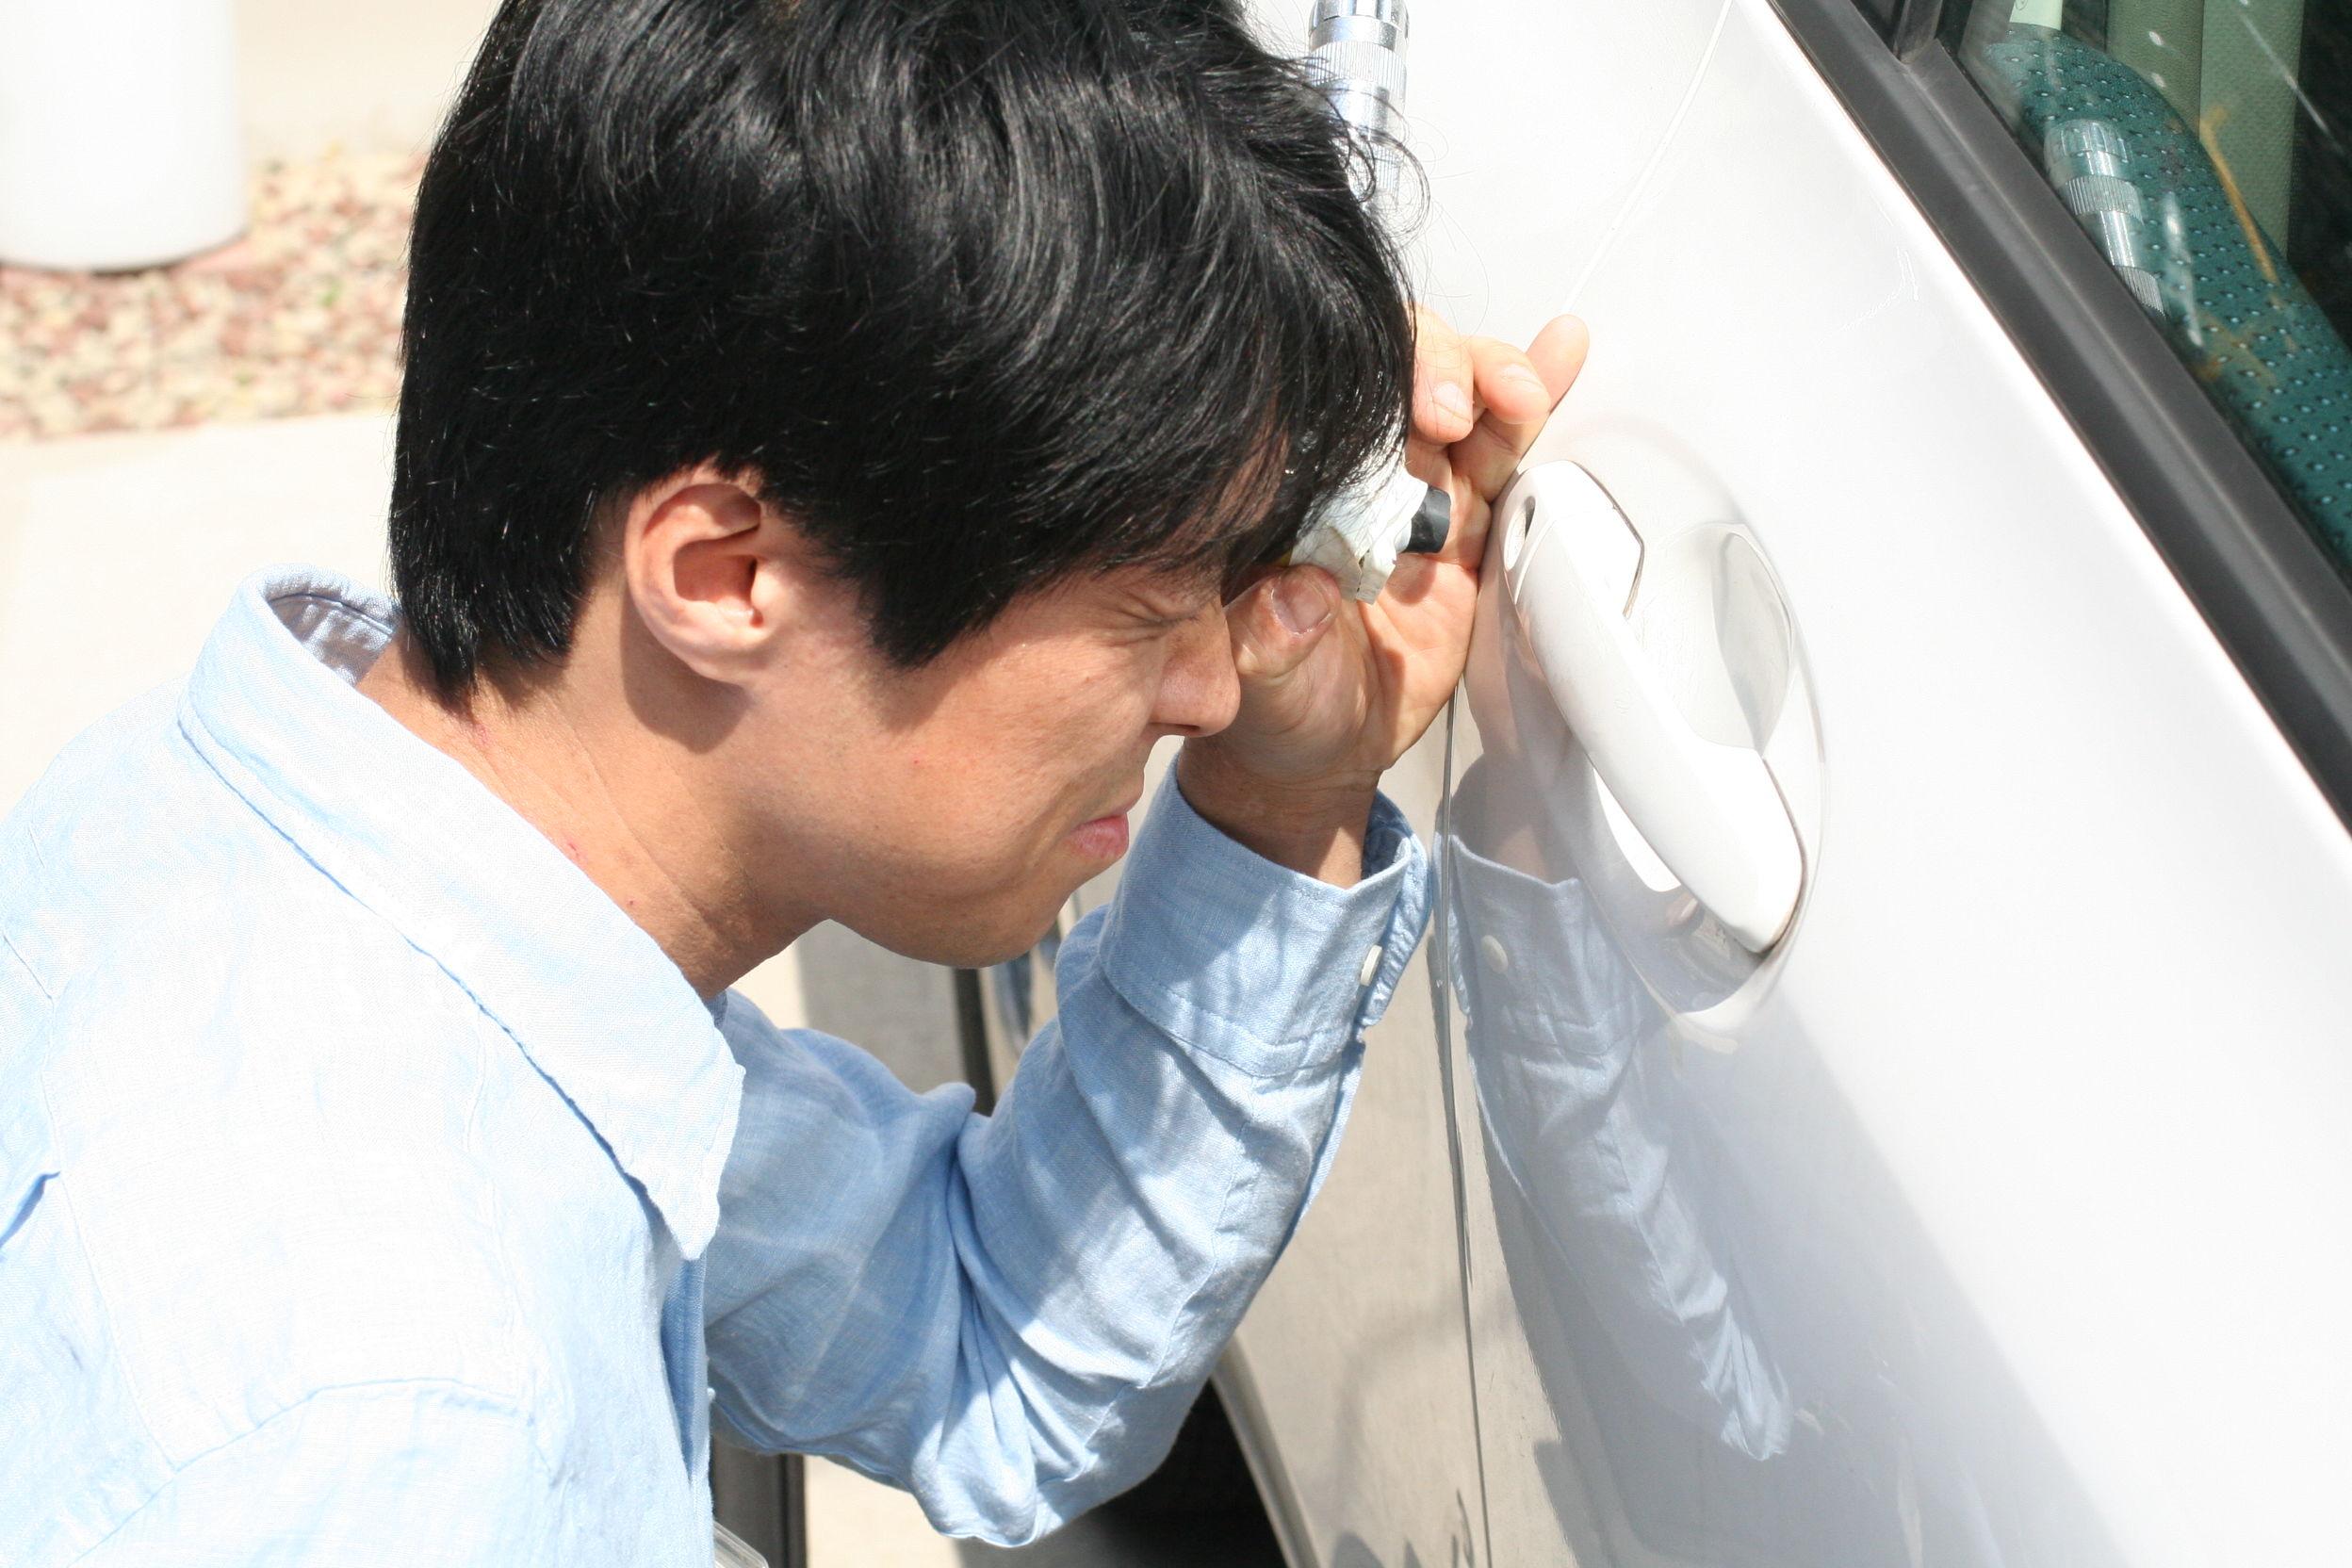 カギのトラブル救Q隊.24【中郡二宮町 出張エリア】のメイン画像